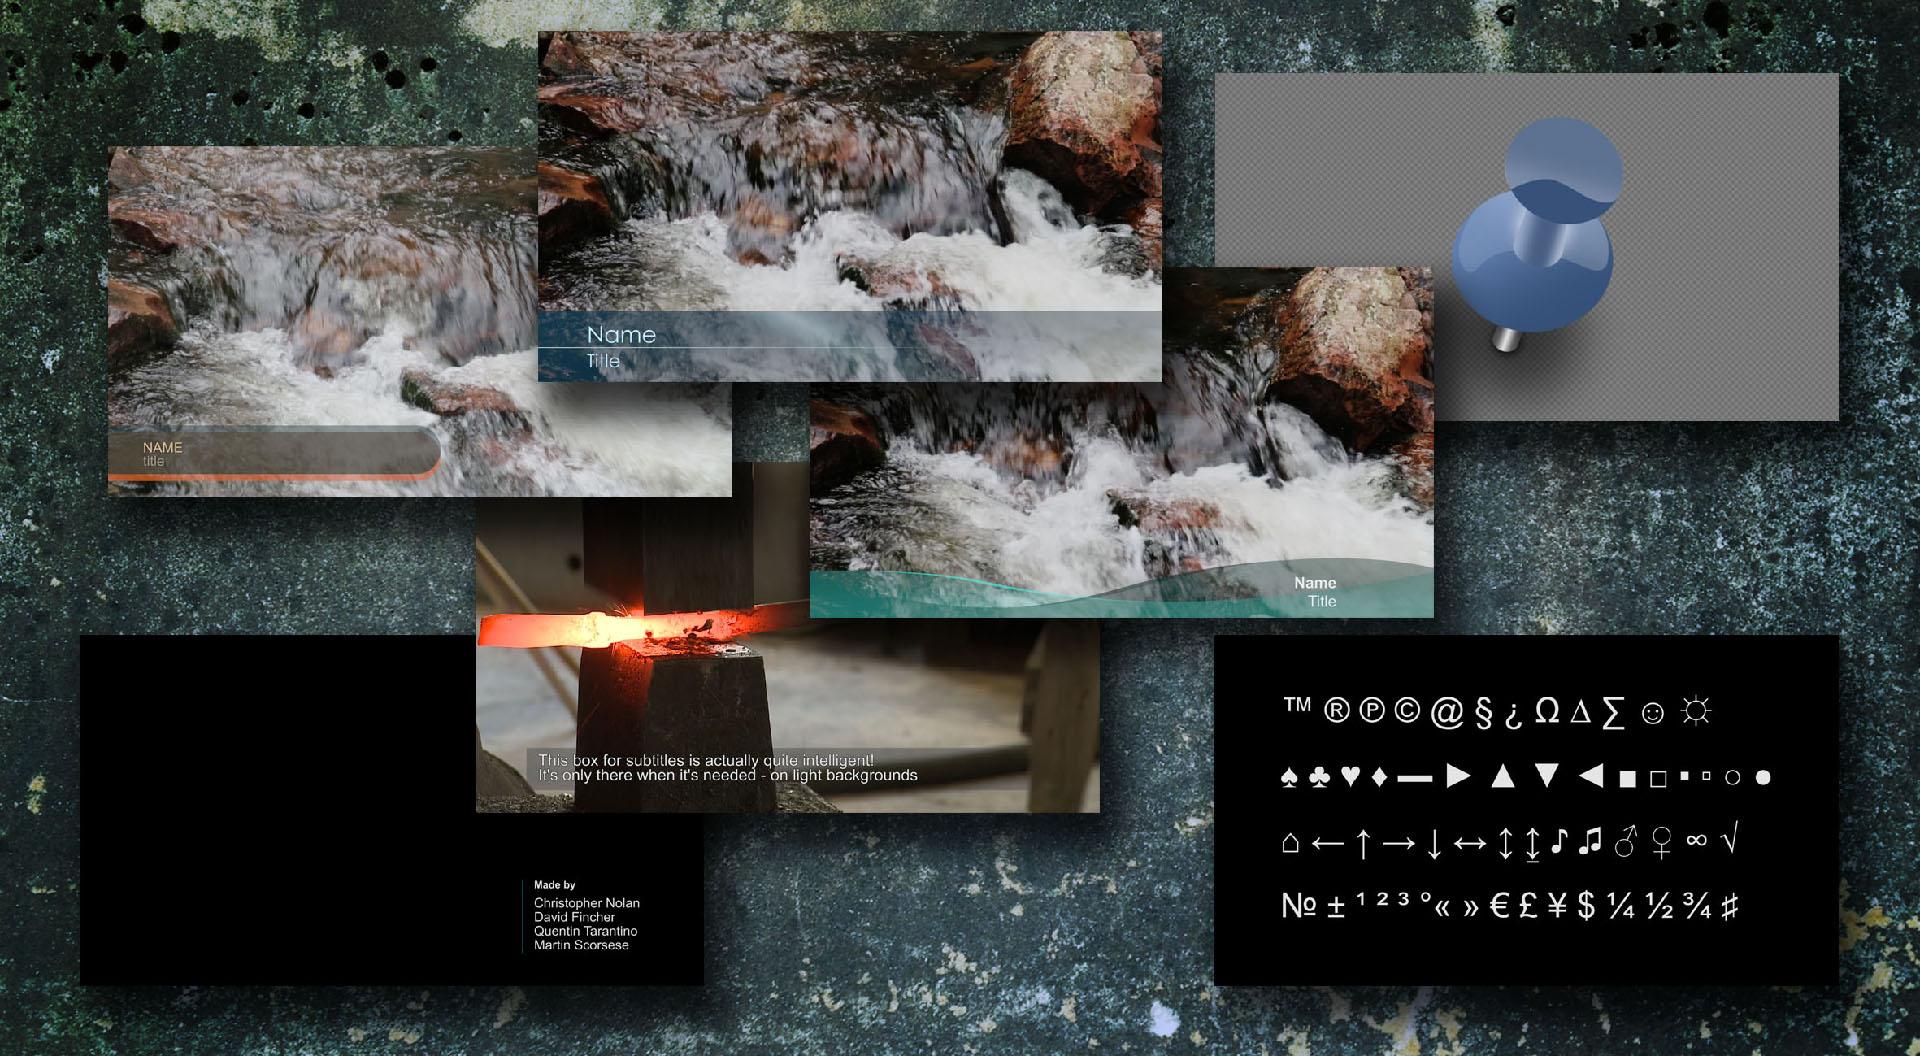 Premiere Pro Title Collection - PremierePro.net